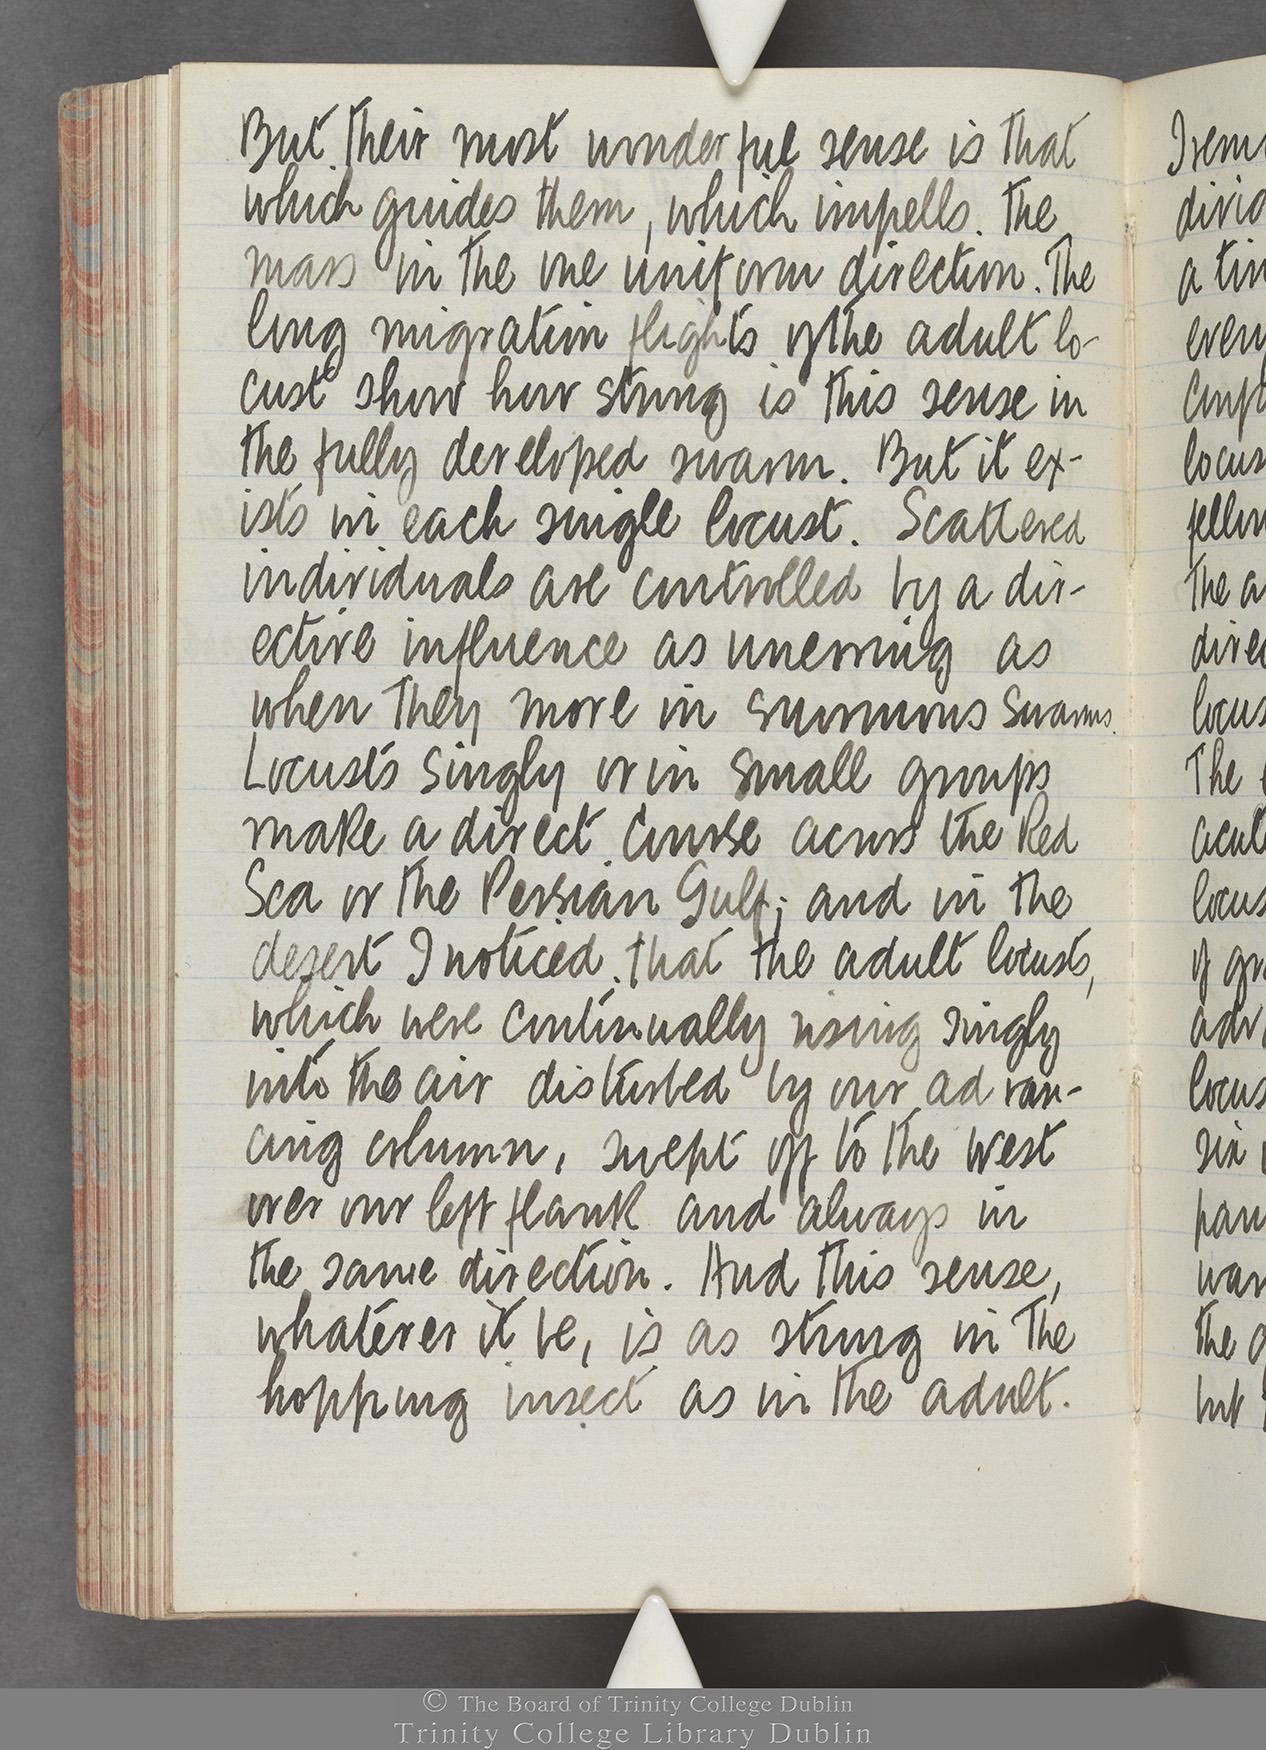 TCD MS 10515 folio 88 verso